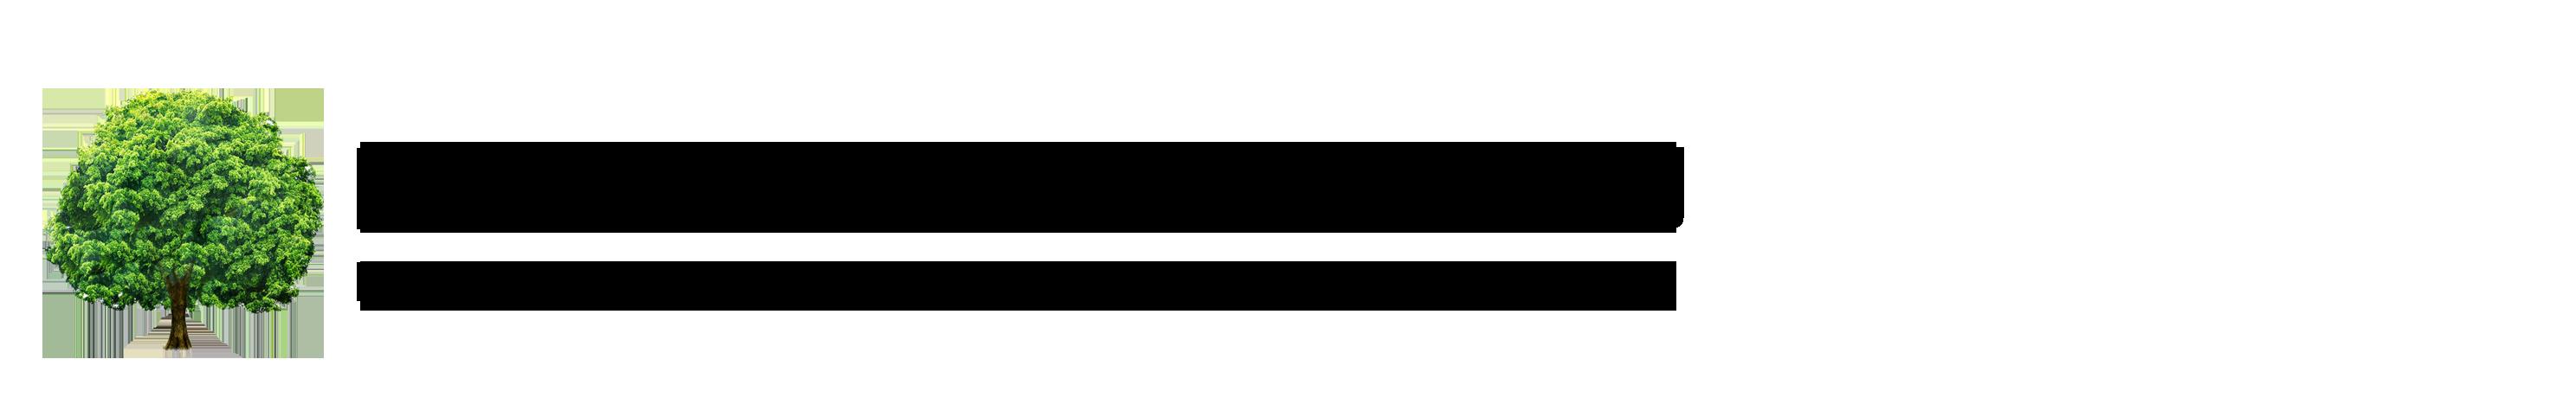 陆海航(厦门)石油化工有限公司